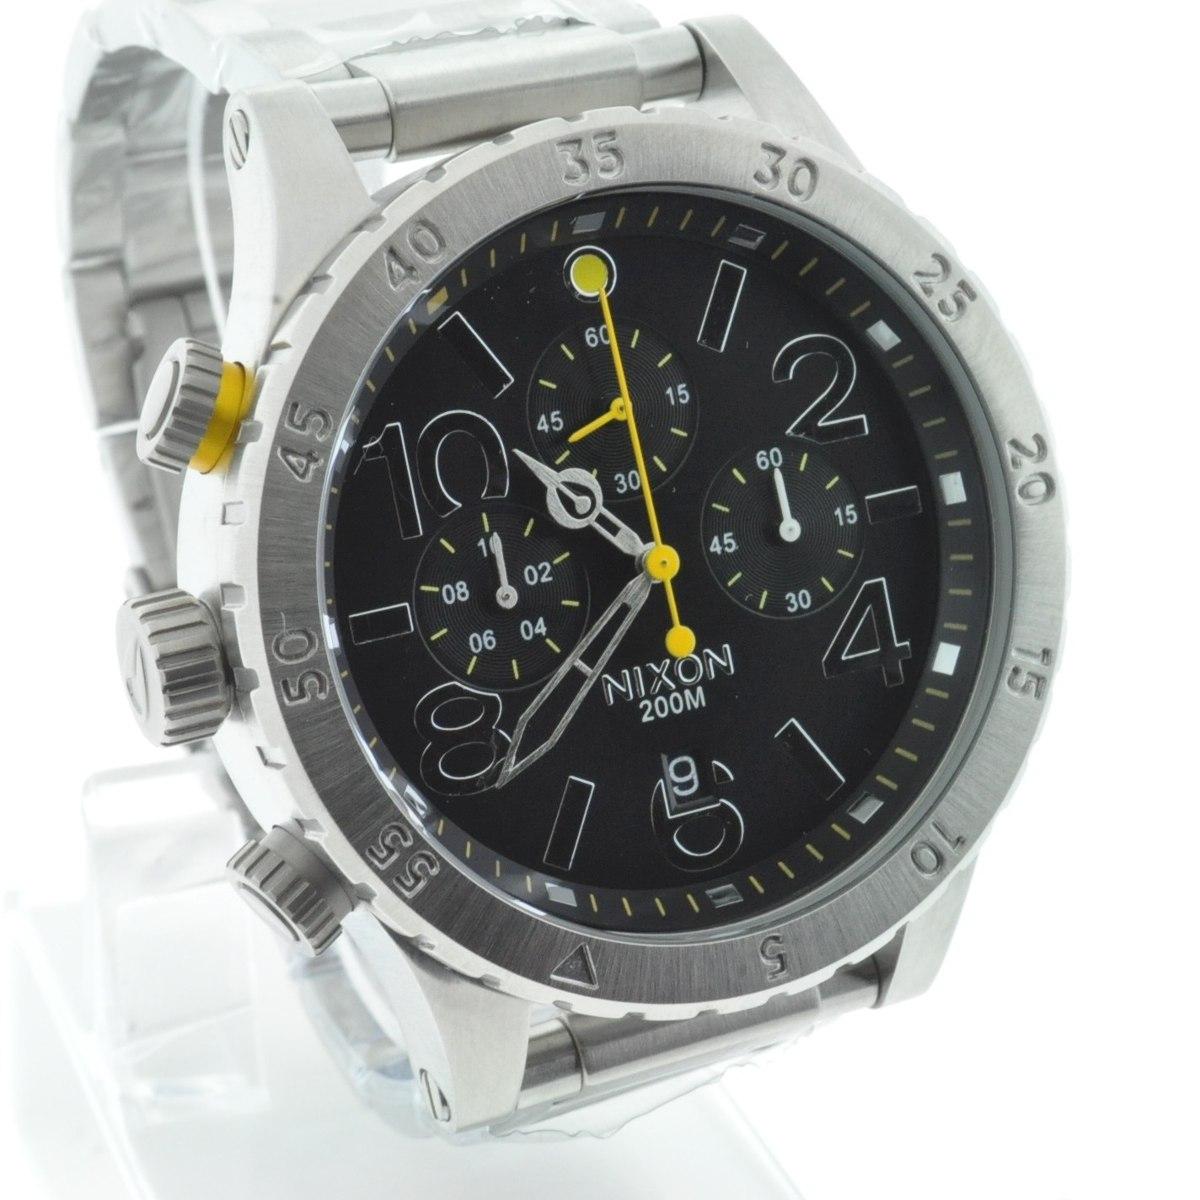 ff851f95e61 Relógio Nixon The 48-20 Prata Com Fundo Preto E Detalhes Em - R ...